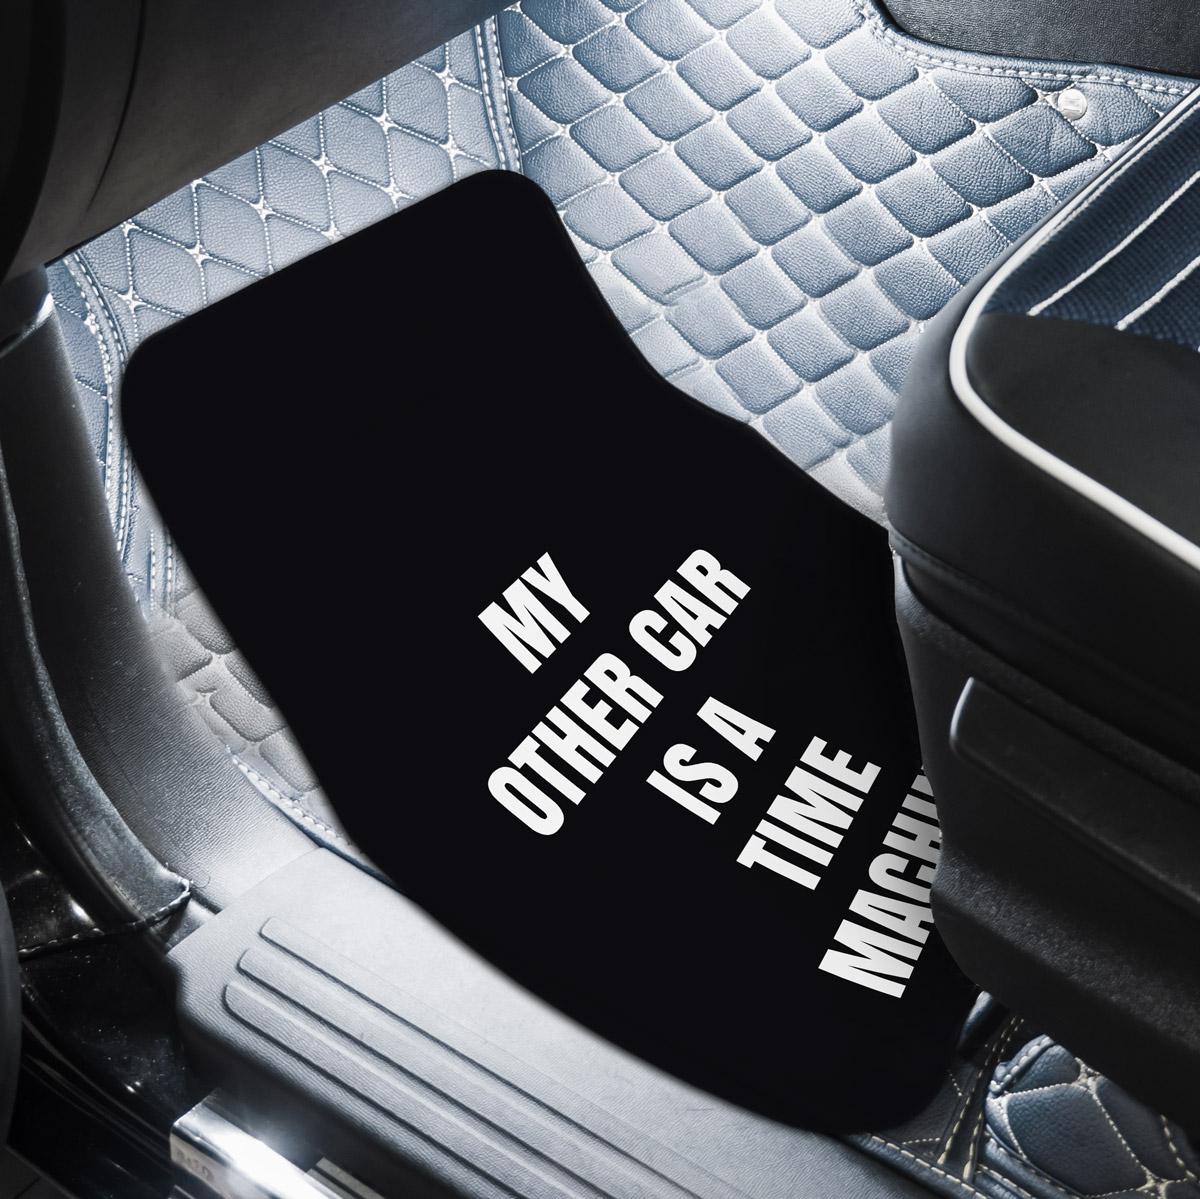 regali per lui tappetino per auto con testo su 5 righe